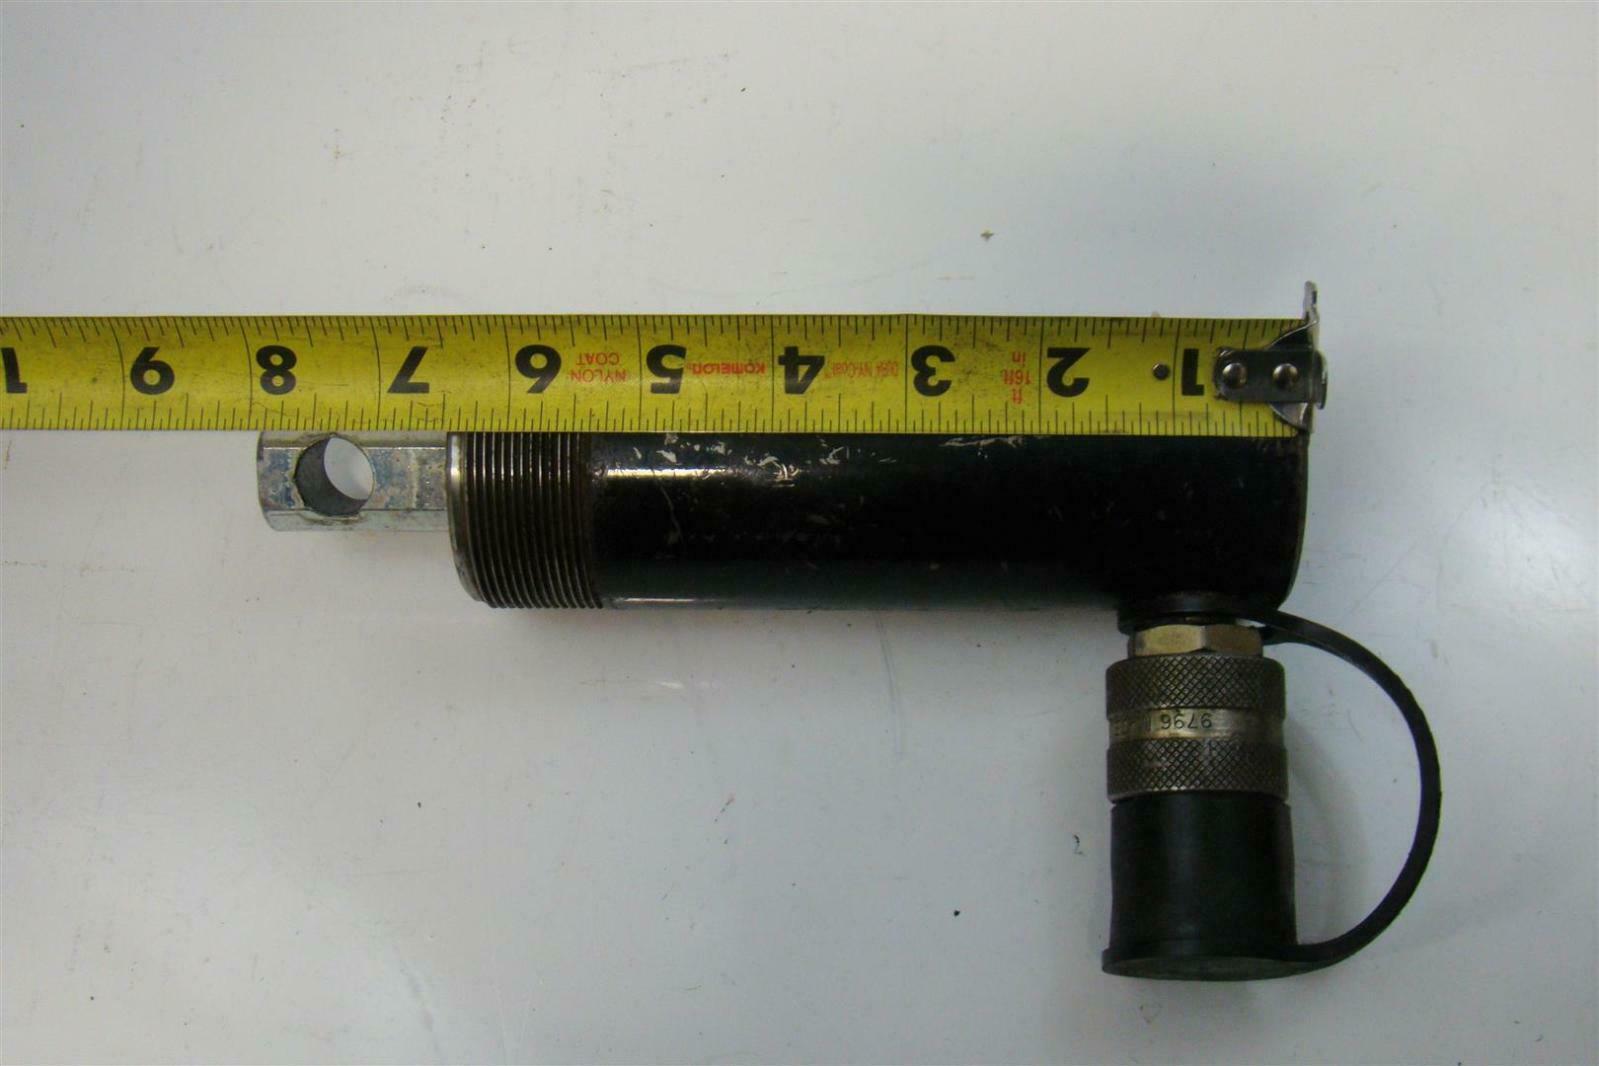 Spx Power Team Hydraulic Cylinder 10 000 Psi Max 9796 Ebay